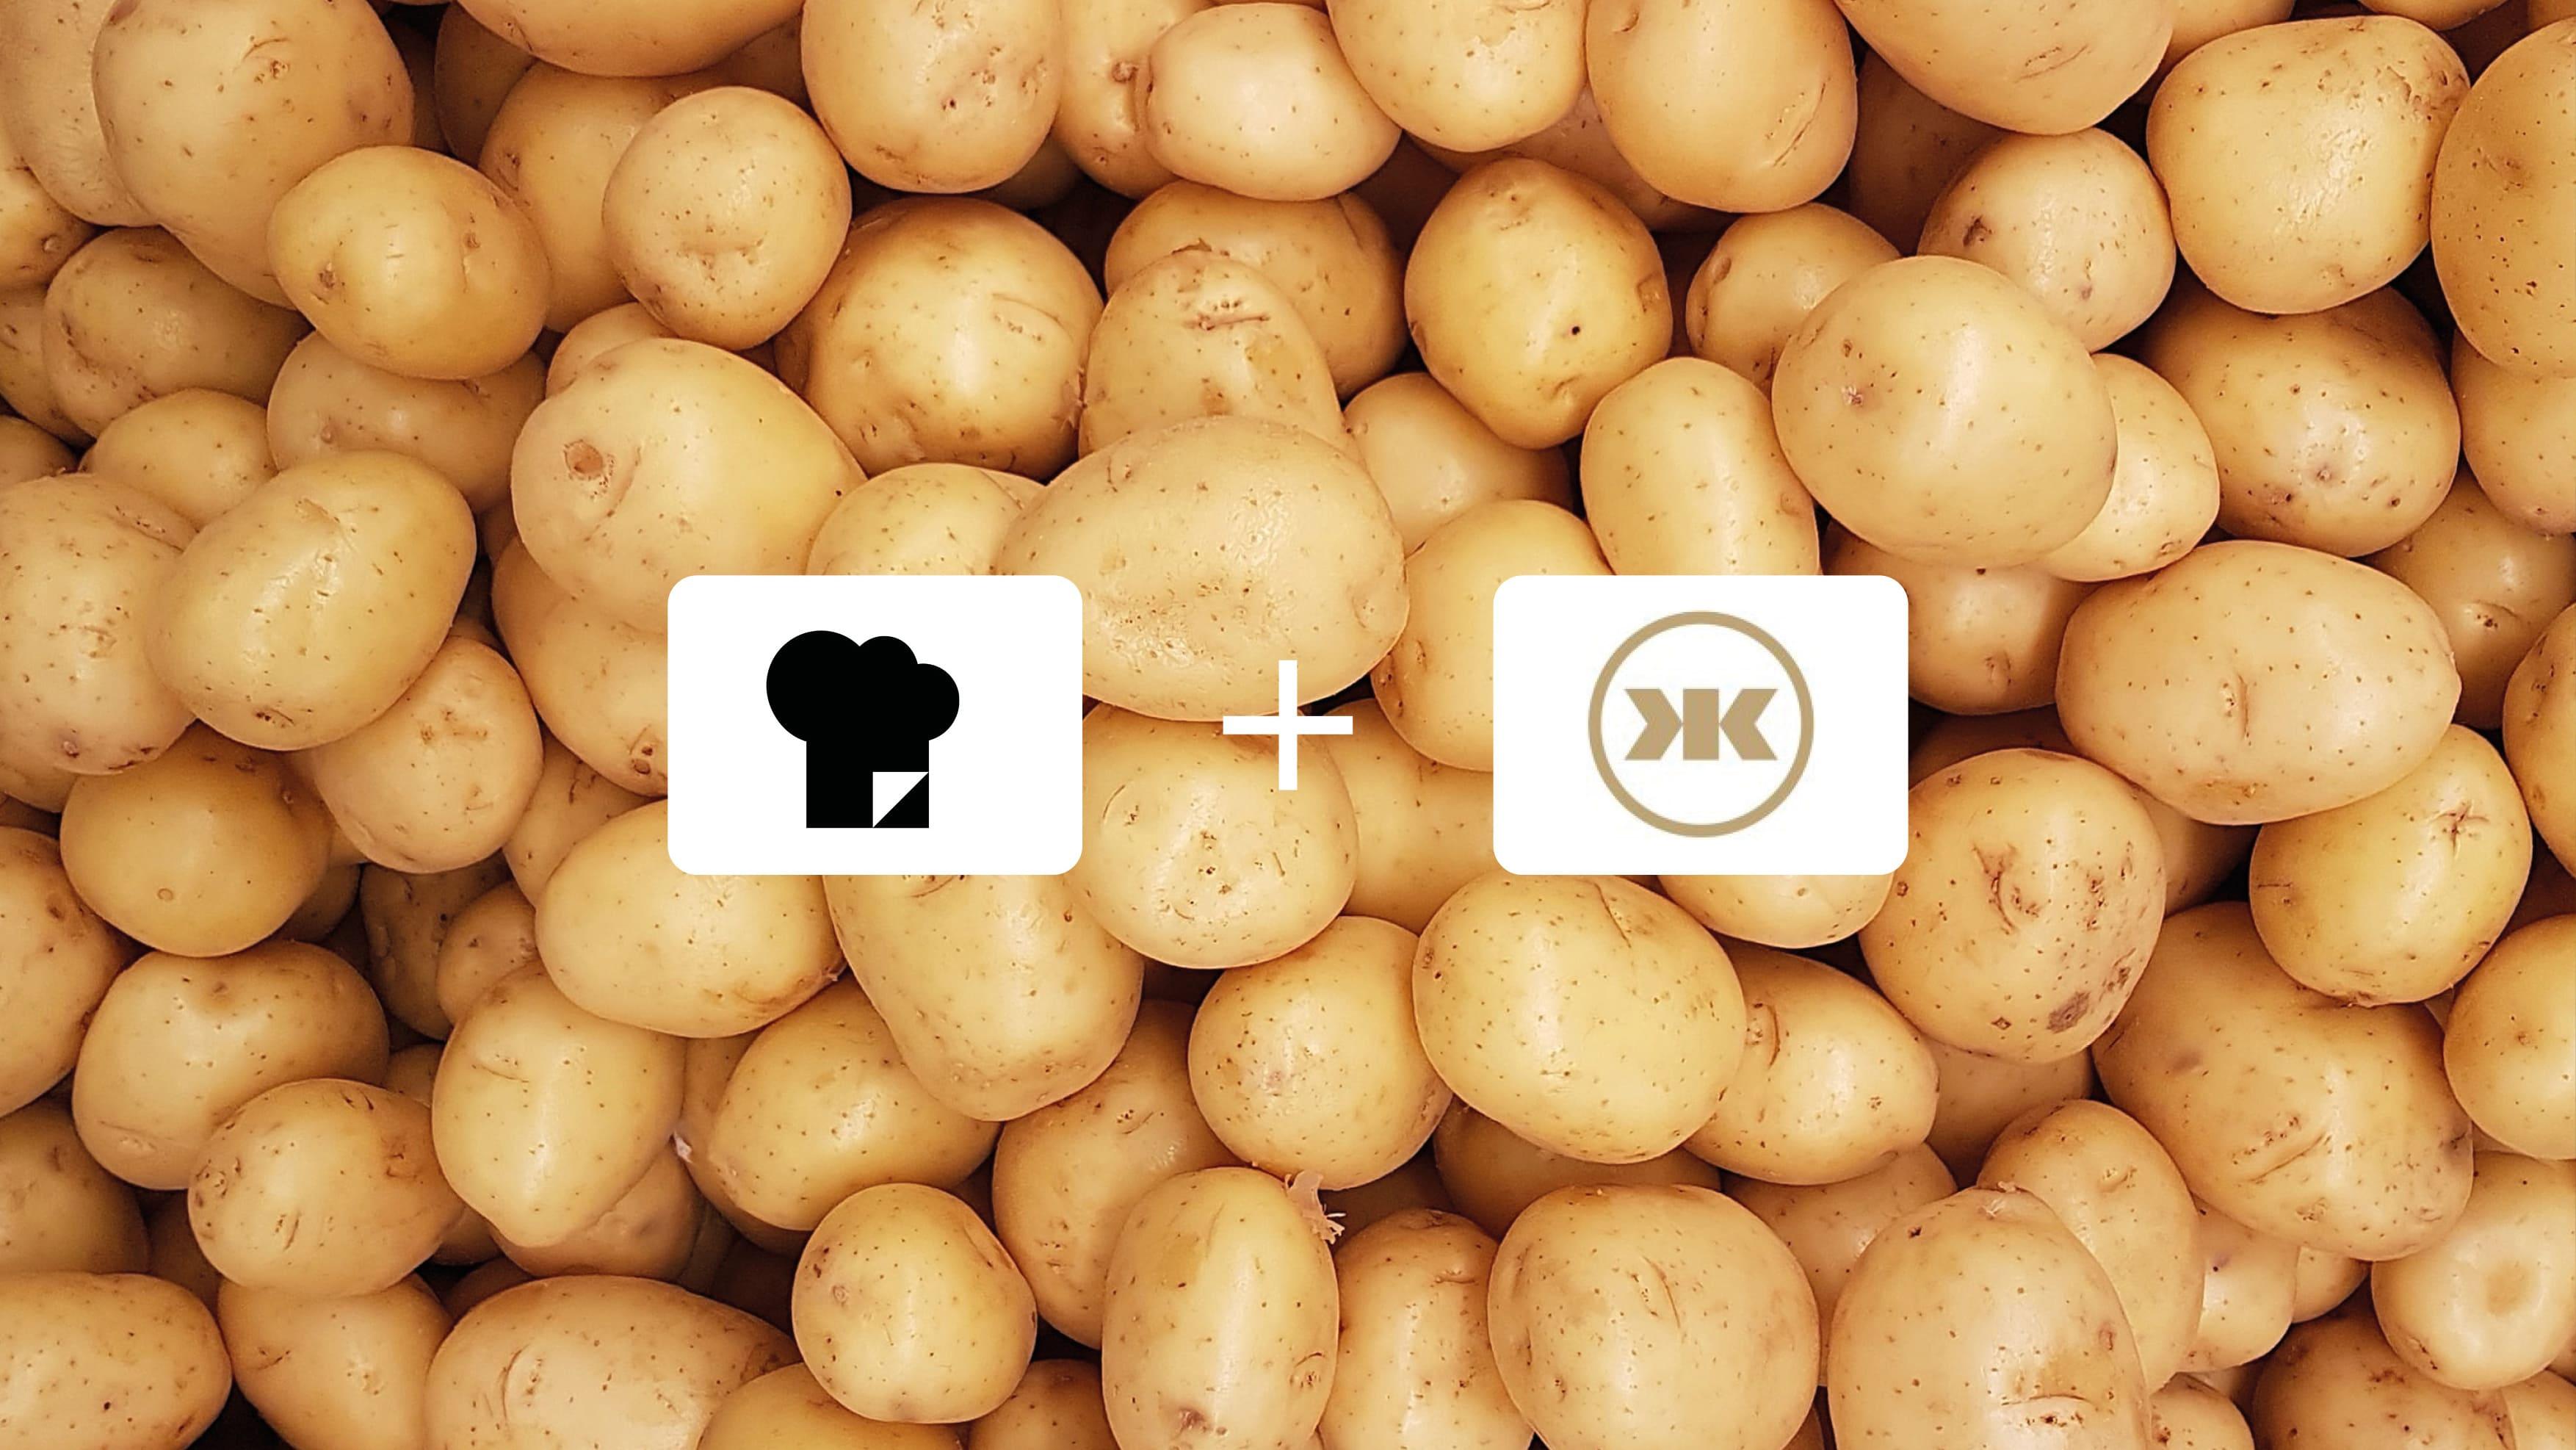 Kartoffel Kuhn